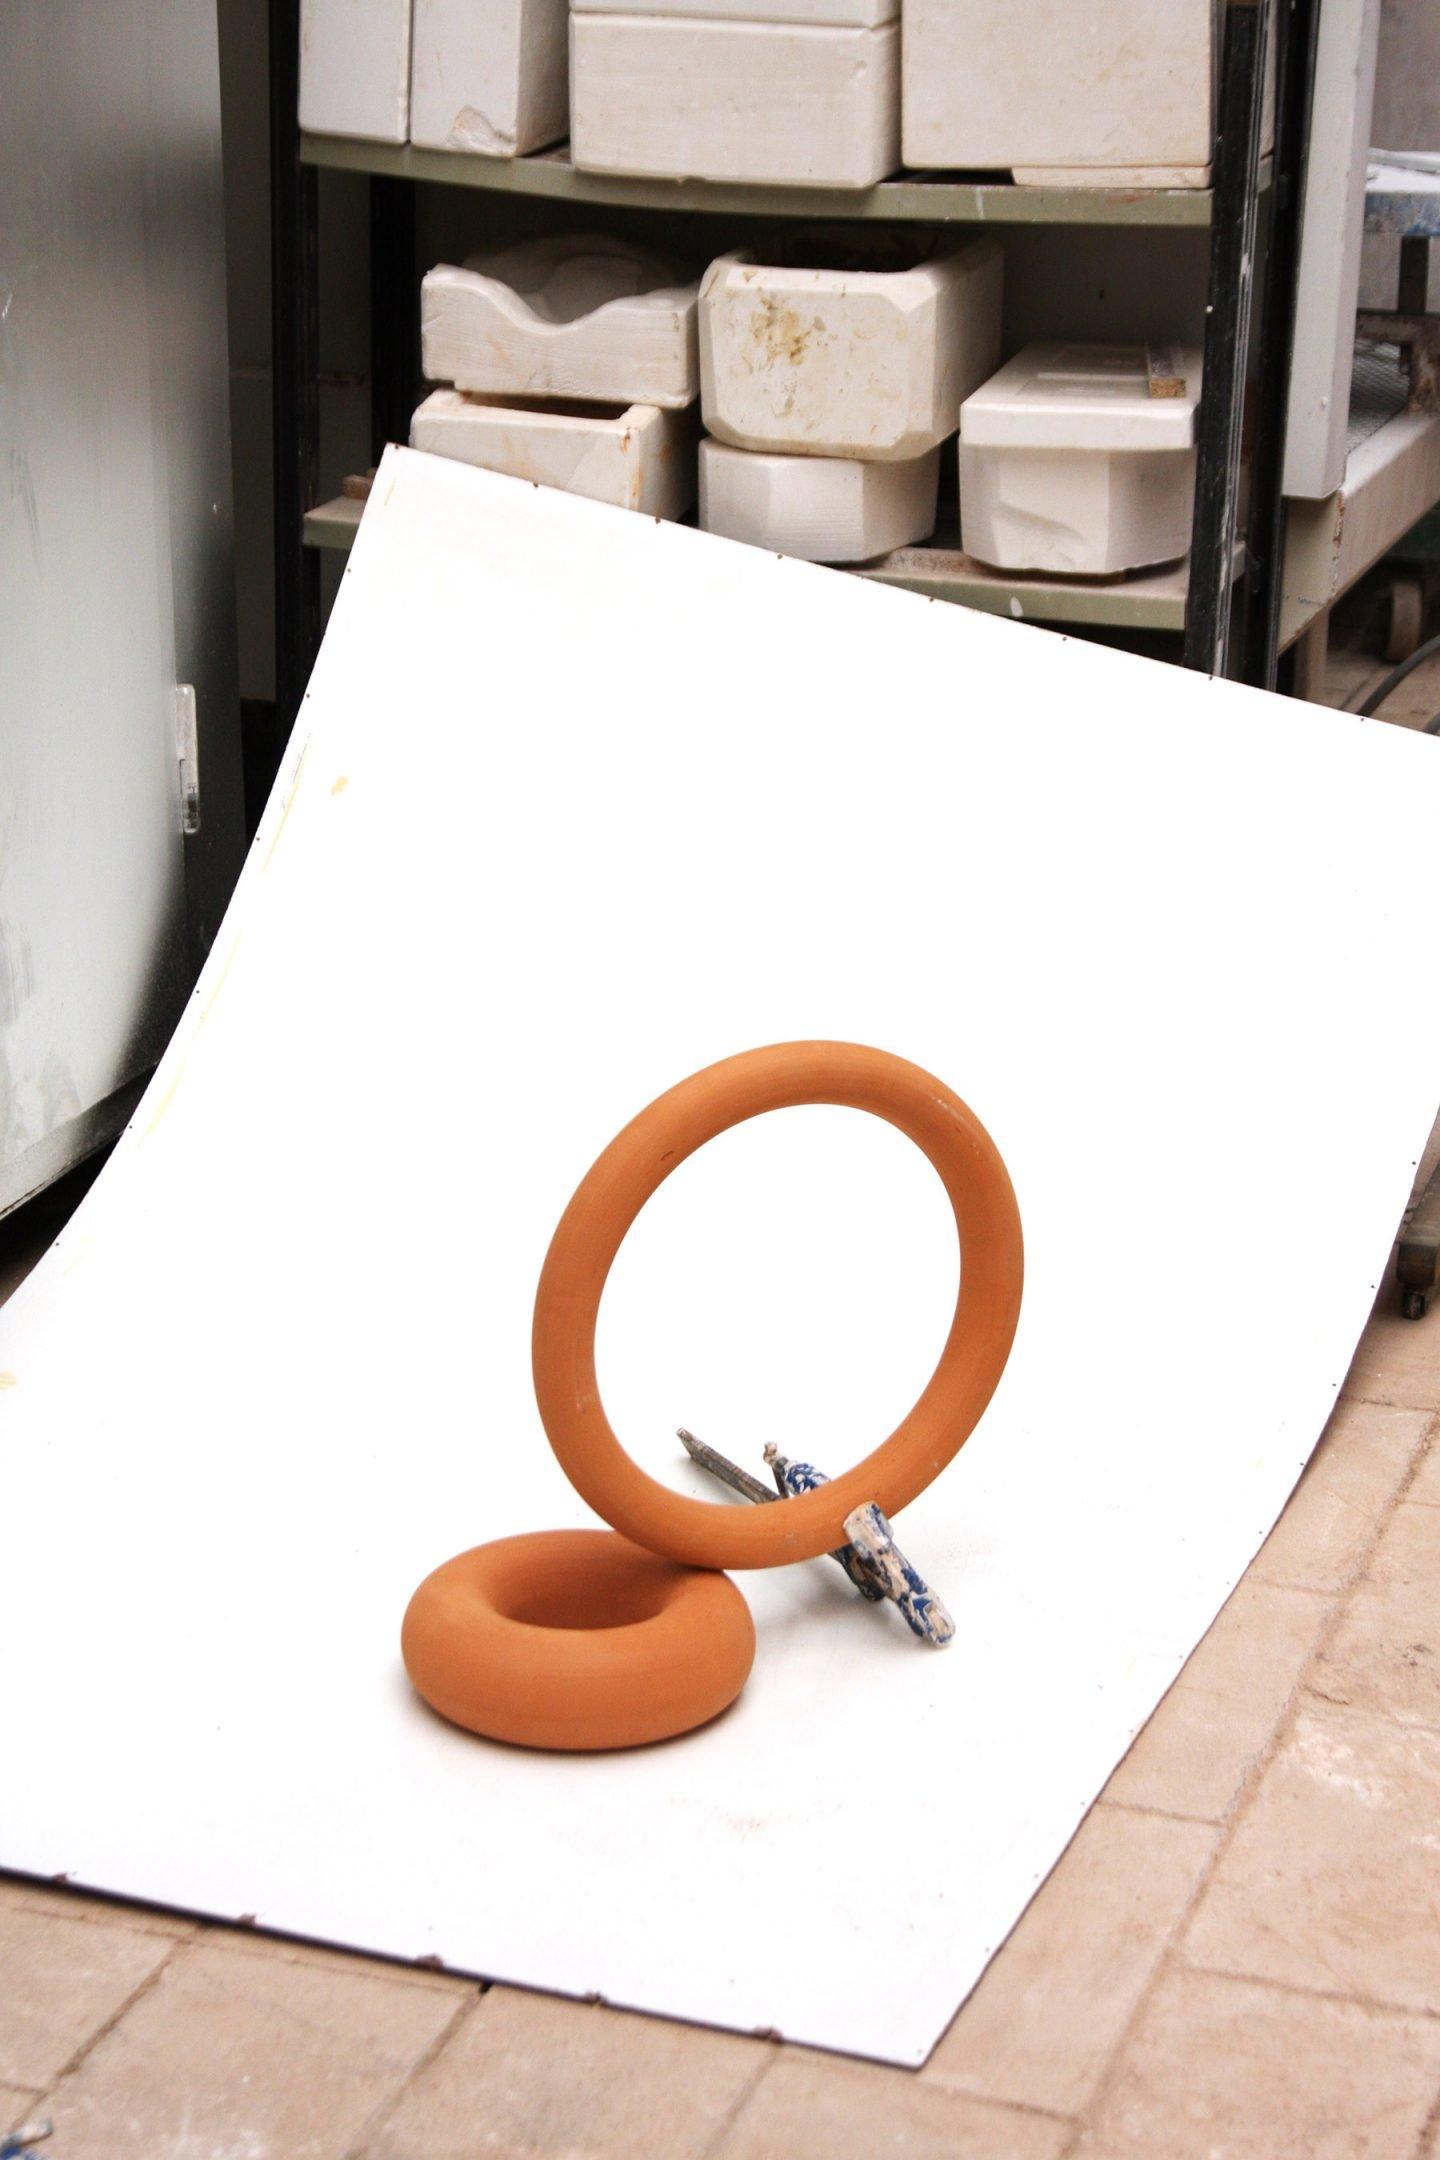 iGNANT-Design-Julen-Ussia-Acopio-014